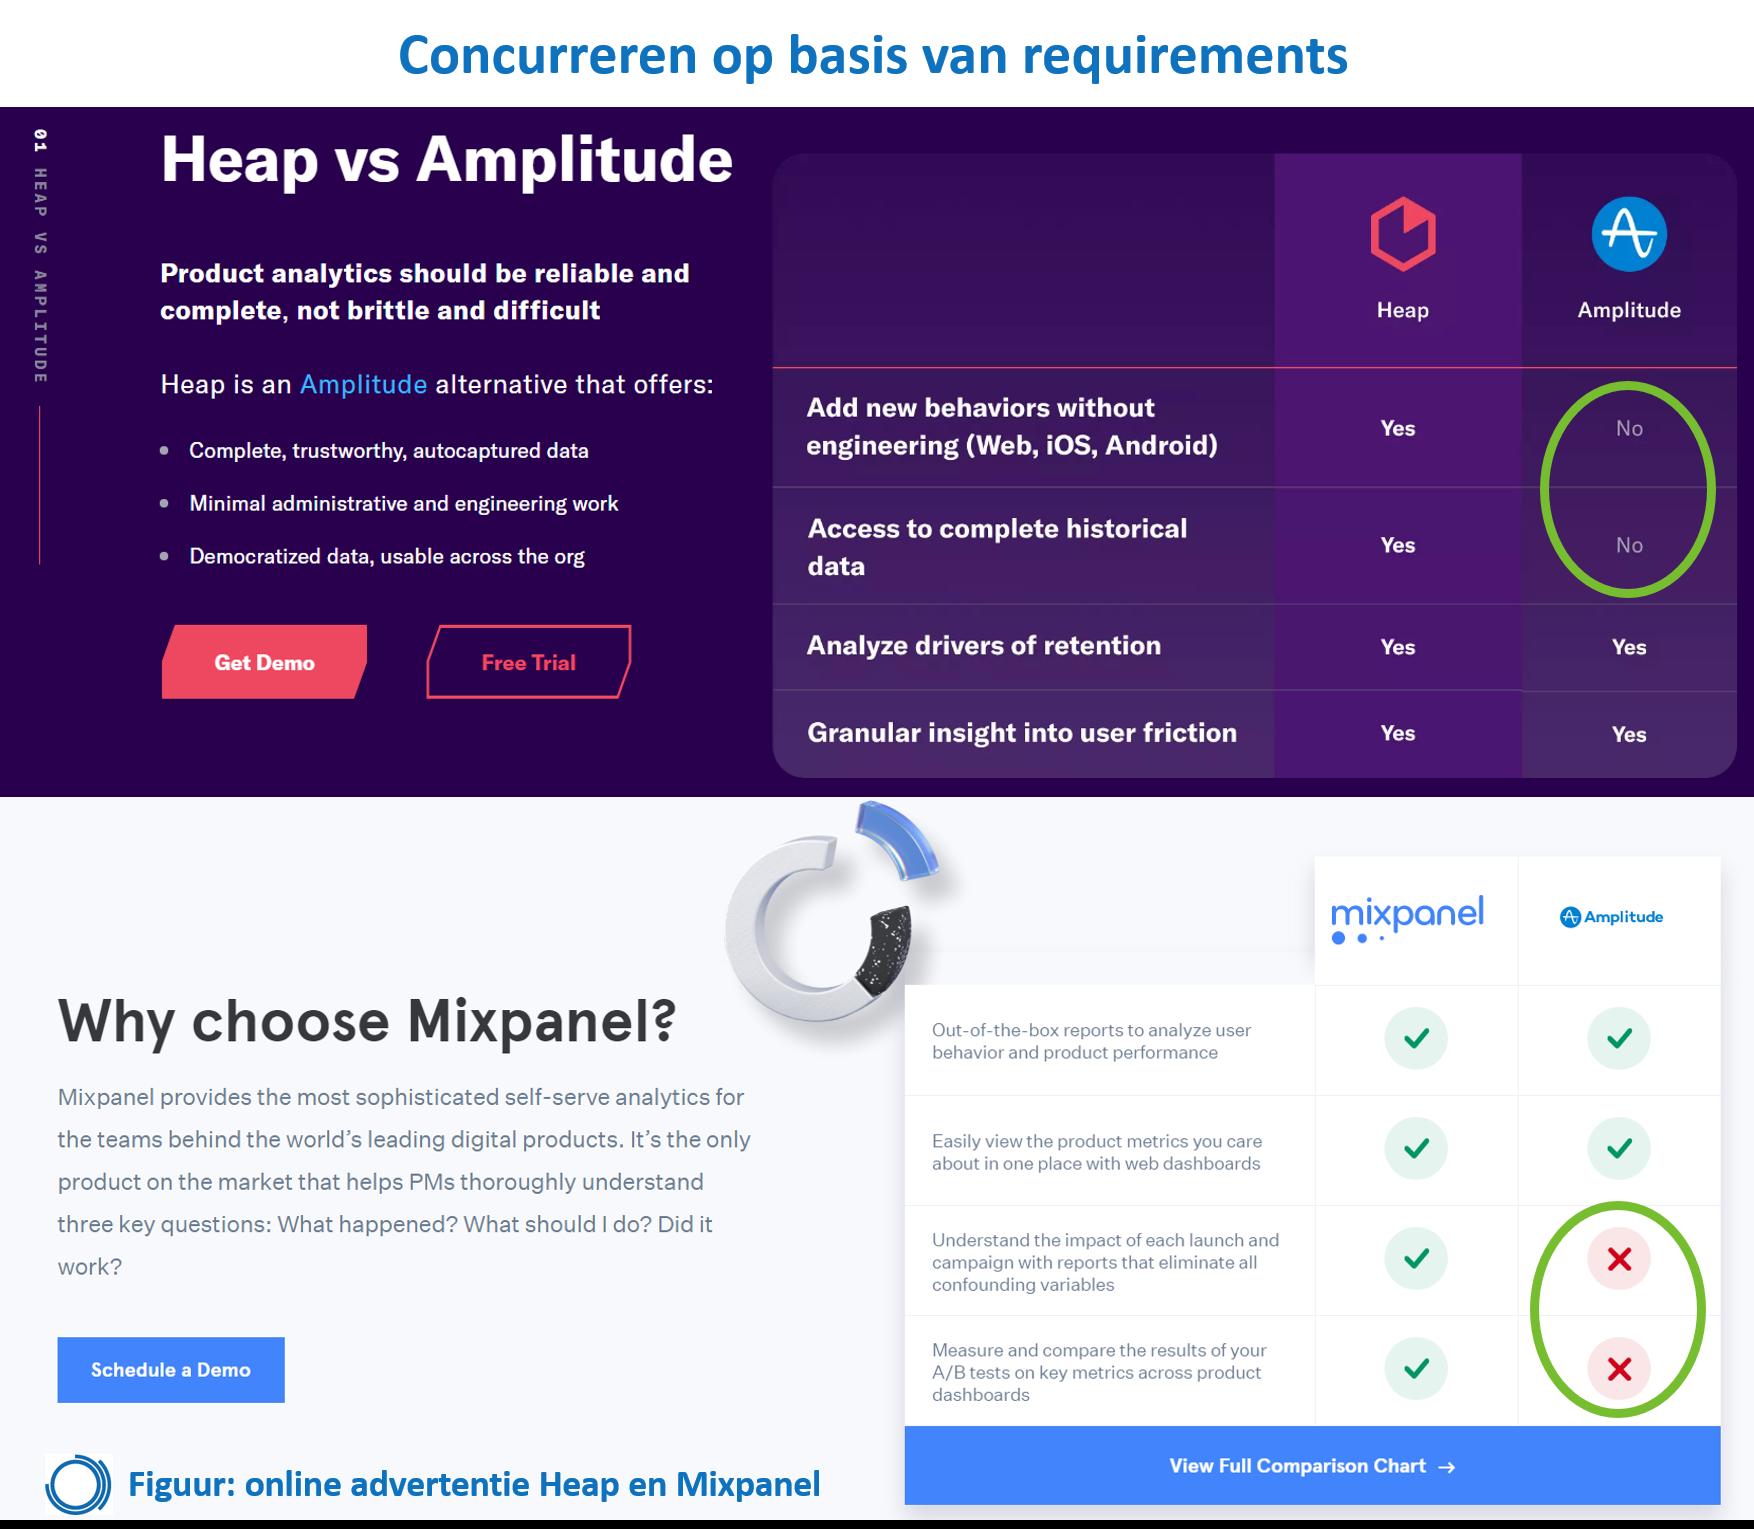 Afbeelding advertentie mixpanel vs heap vs amplitude en concurreren op featuresd